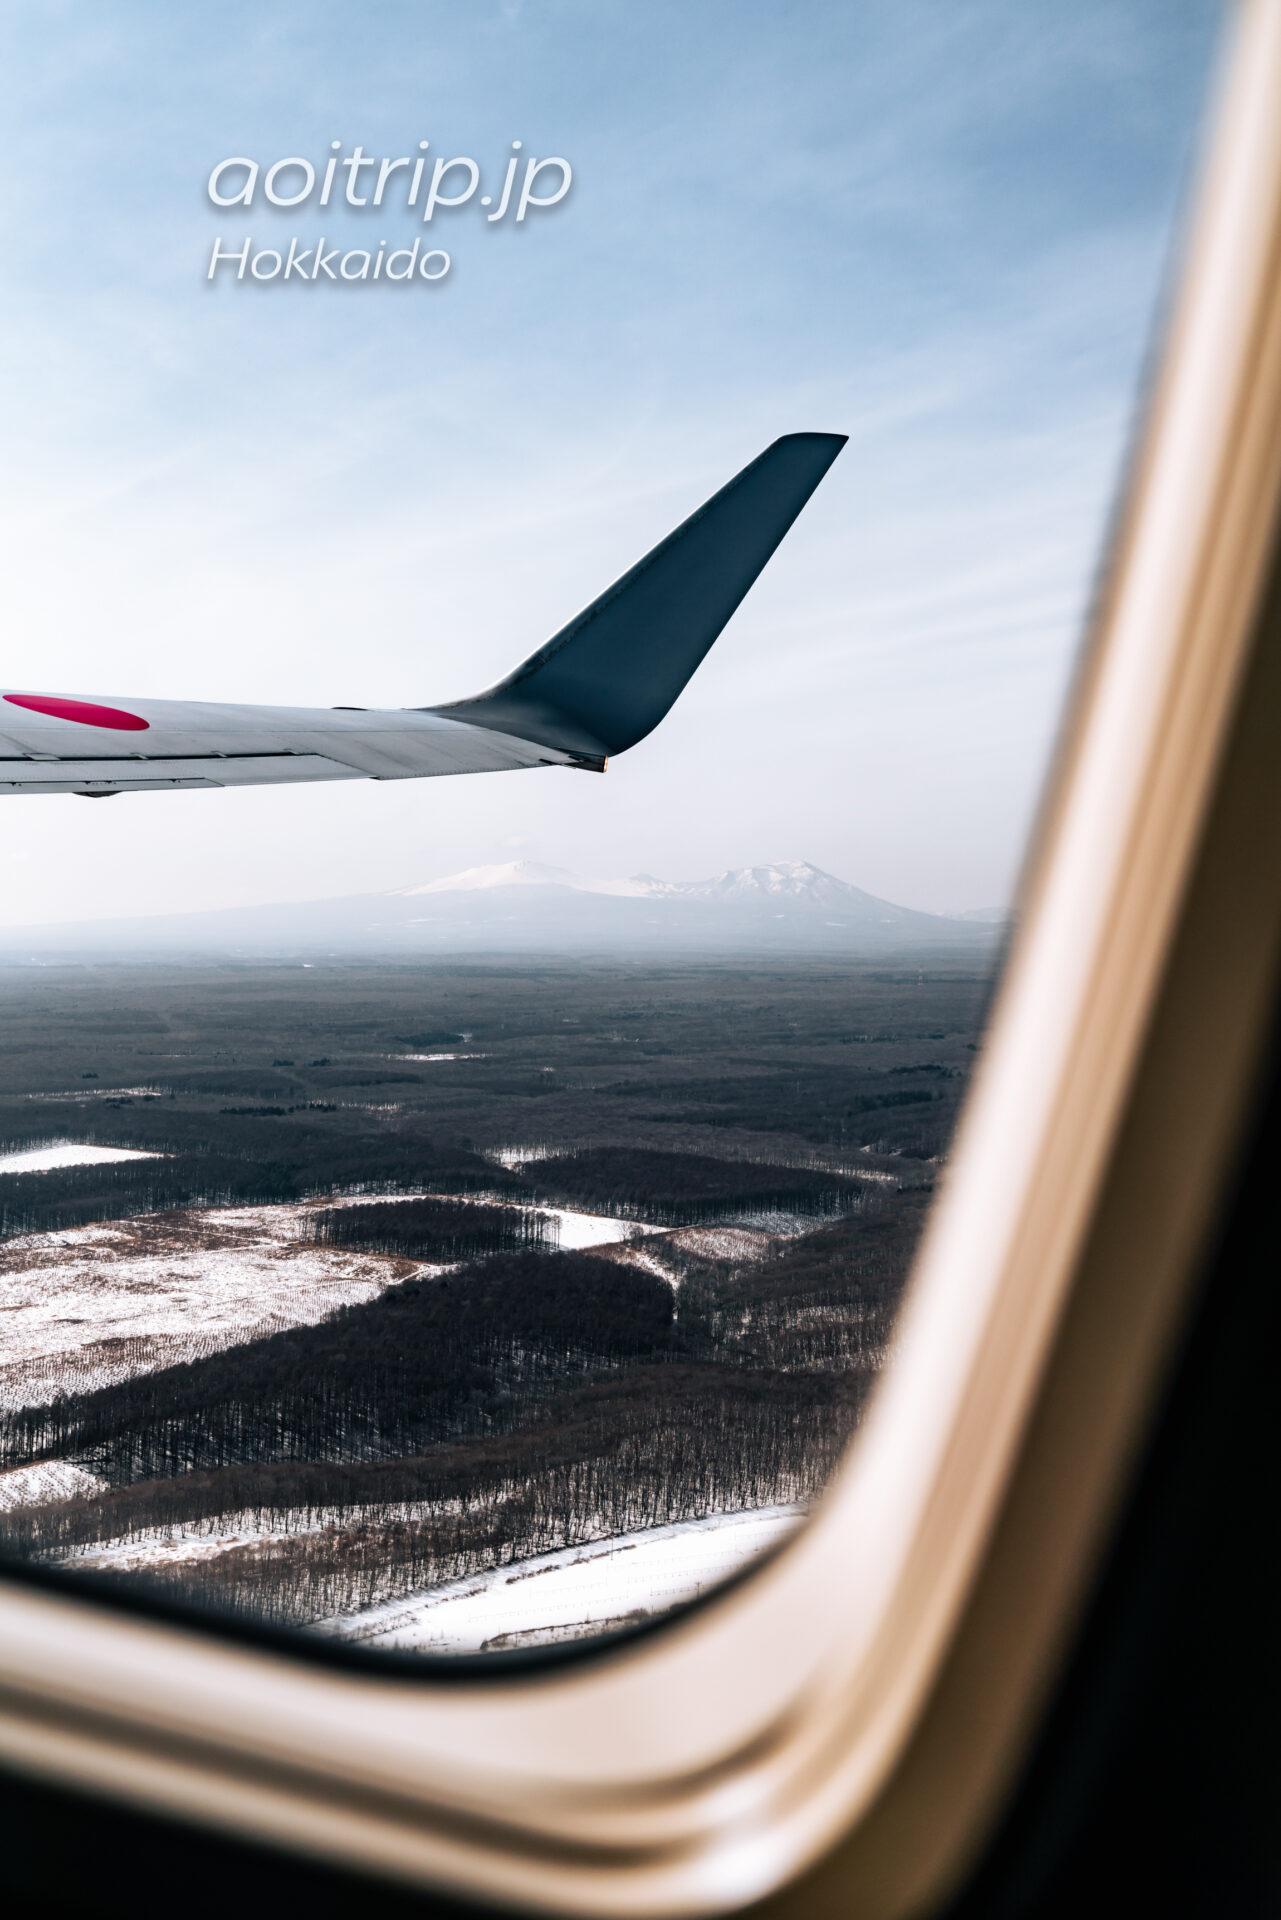 北海道の航空写真 飛行機の窓から 3月 支笏洞爺国立公園の眺望 樽前山と風不死岳